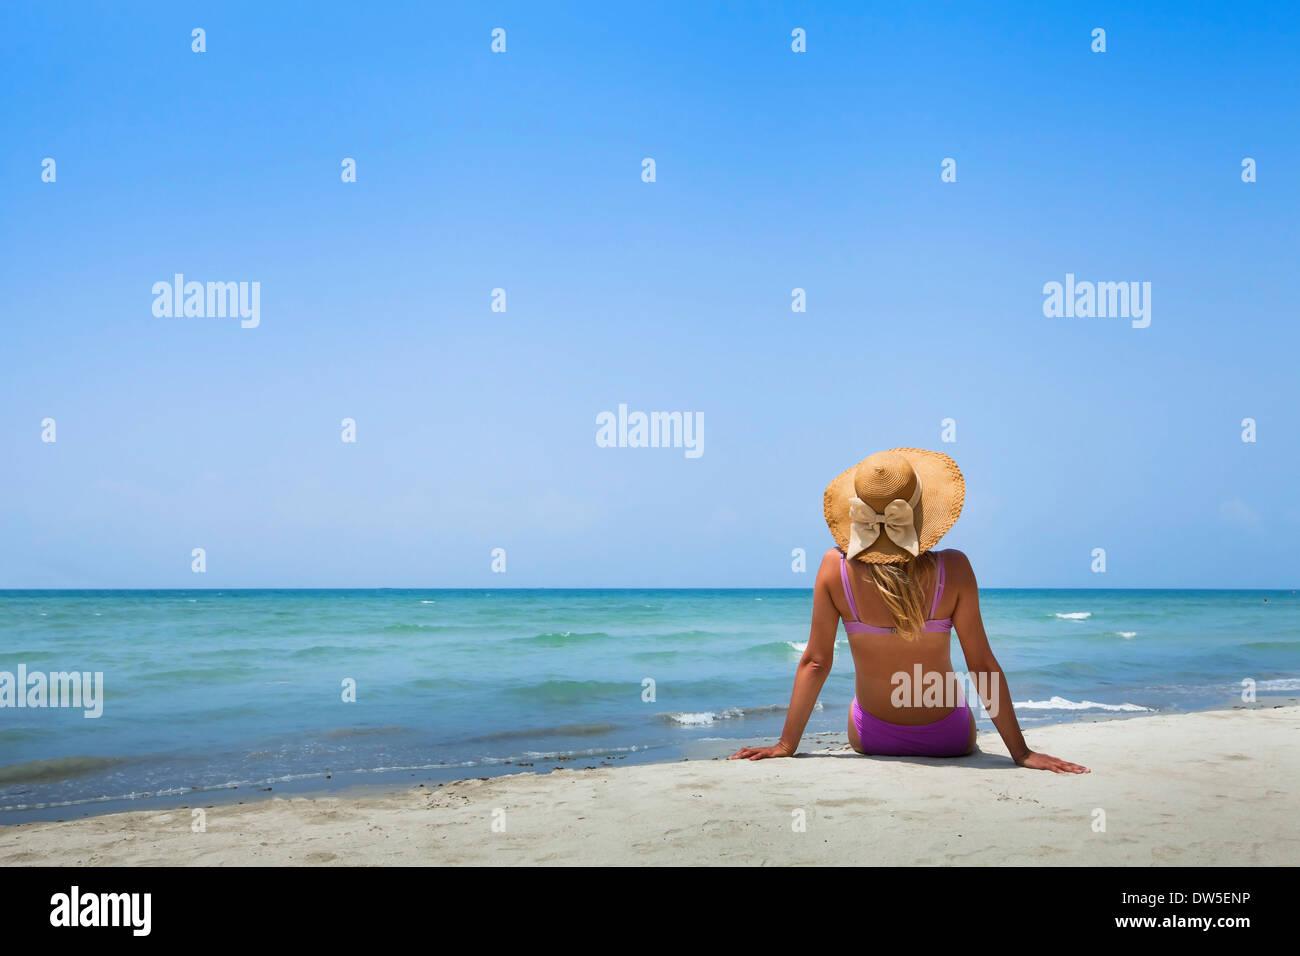 La donna in Bikini sulla spiaggia Immagini Stock